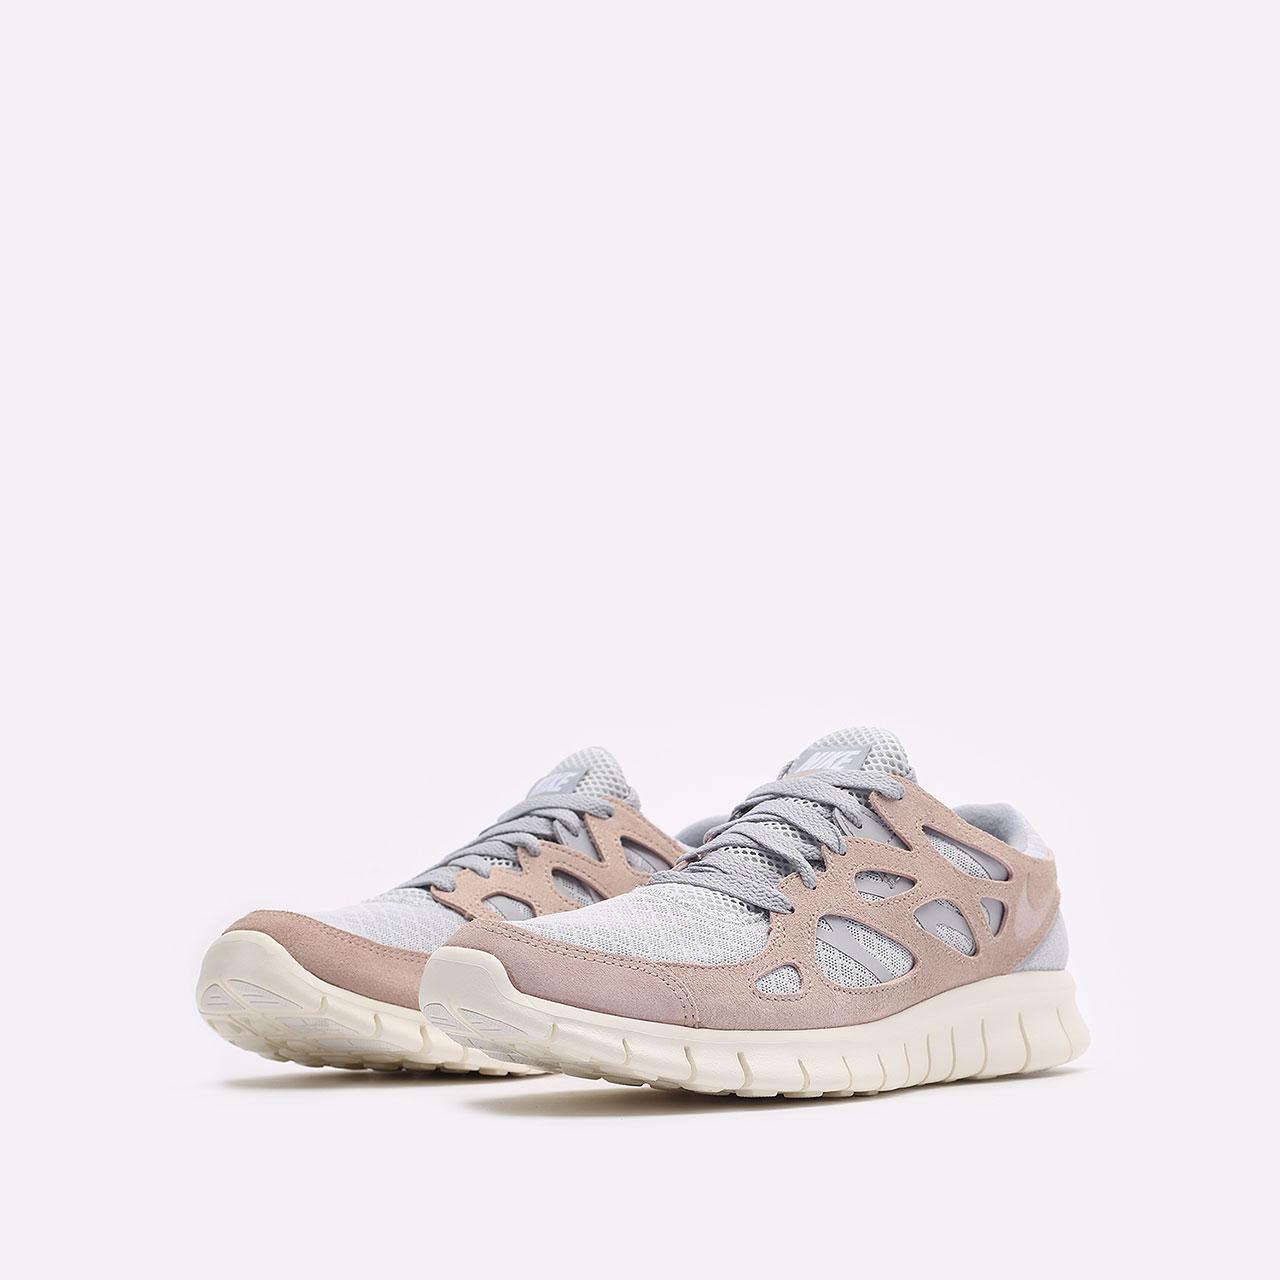 мужские бежевые  кроссовки nike free run 2 537732-013 - цена, описание, фото 4